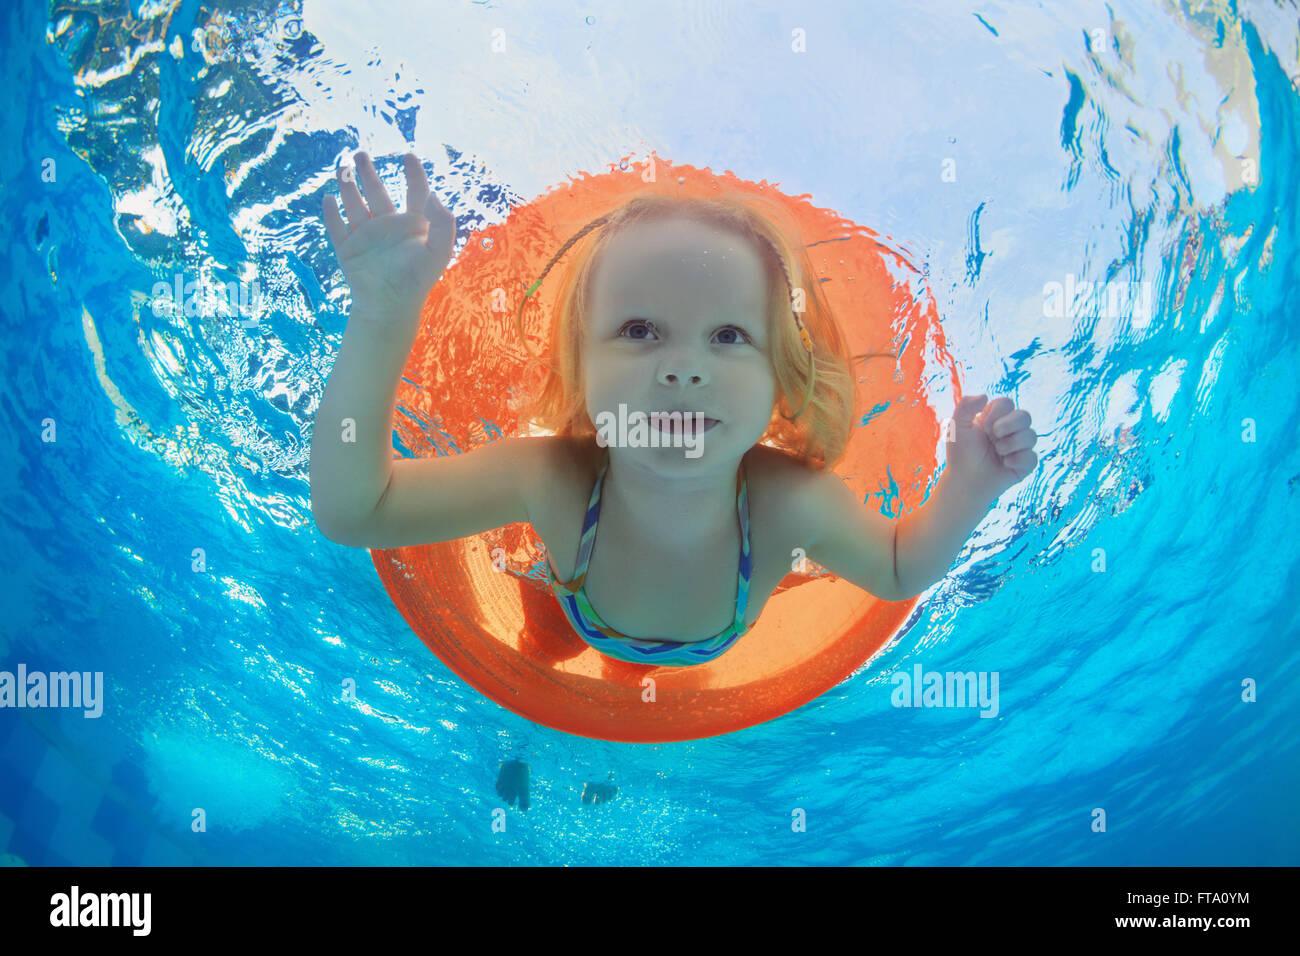 Divertenti foto subacquee di baby girl nuoto con divertimento sul tubo arancione e immersioni in chiaro l'Aqua Immagini Stock